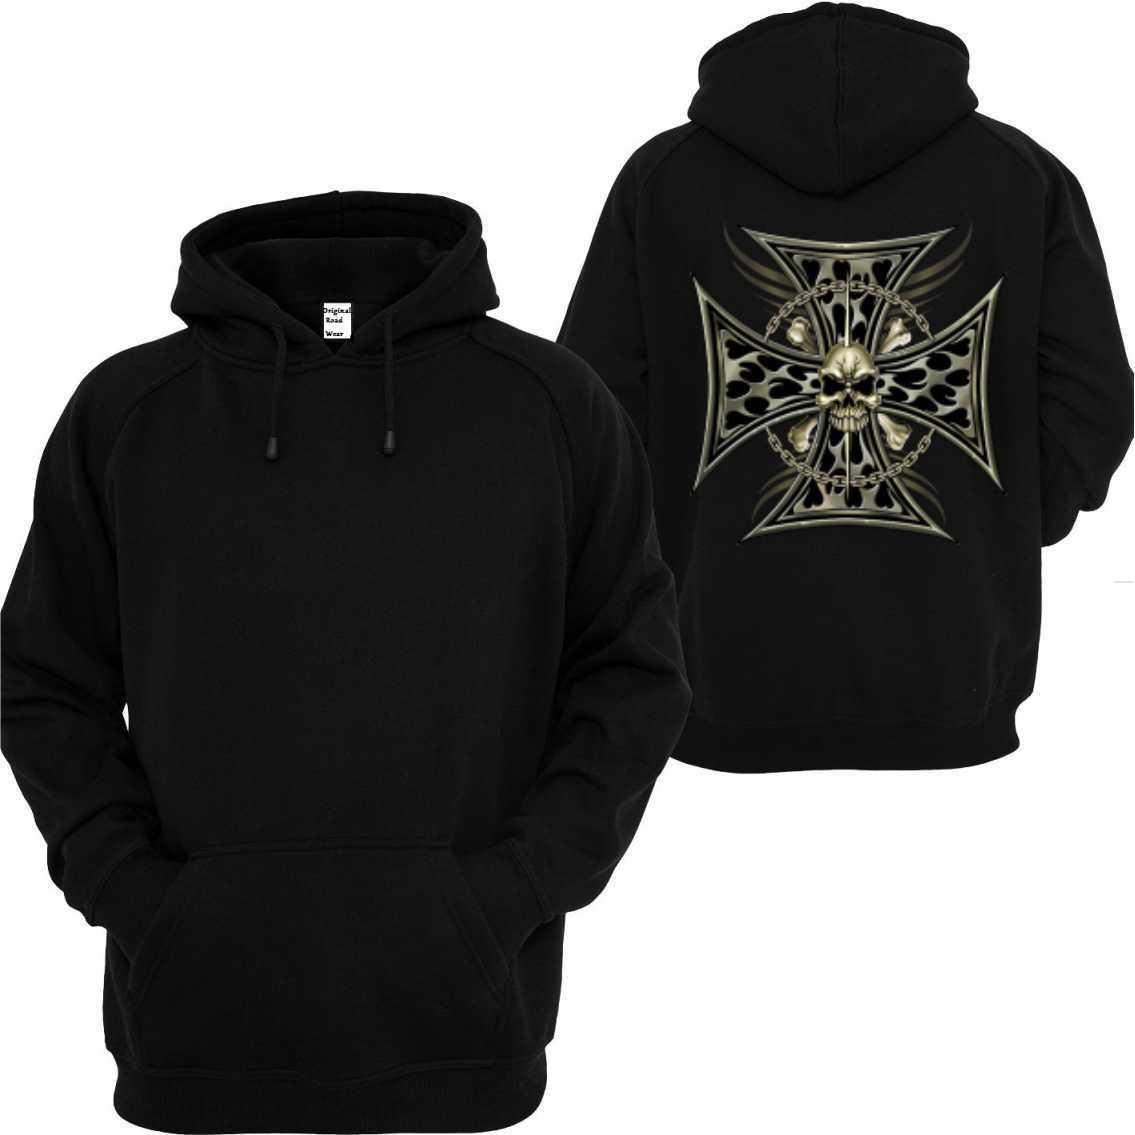 Kapuzensweatshirt black Vintage Gothik Tattoo Oldschoolmotiv Cross Skull Chai